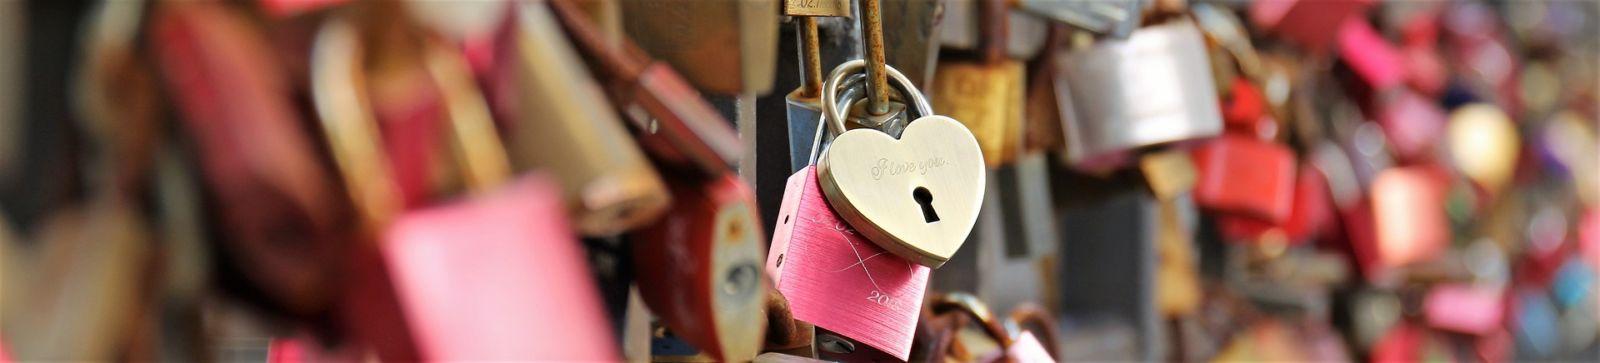 waargebeurd liefdesverhaal gratis e-book